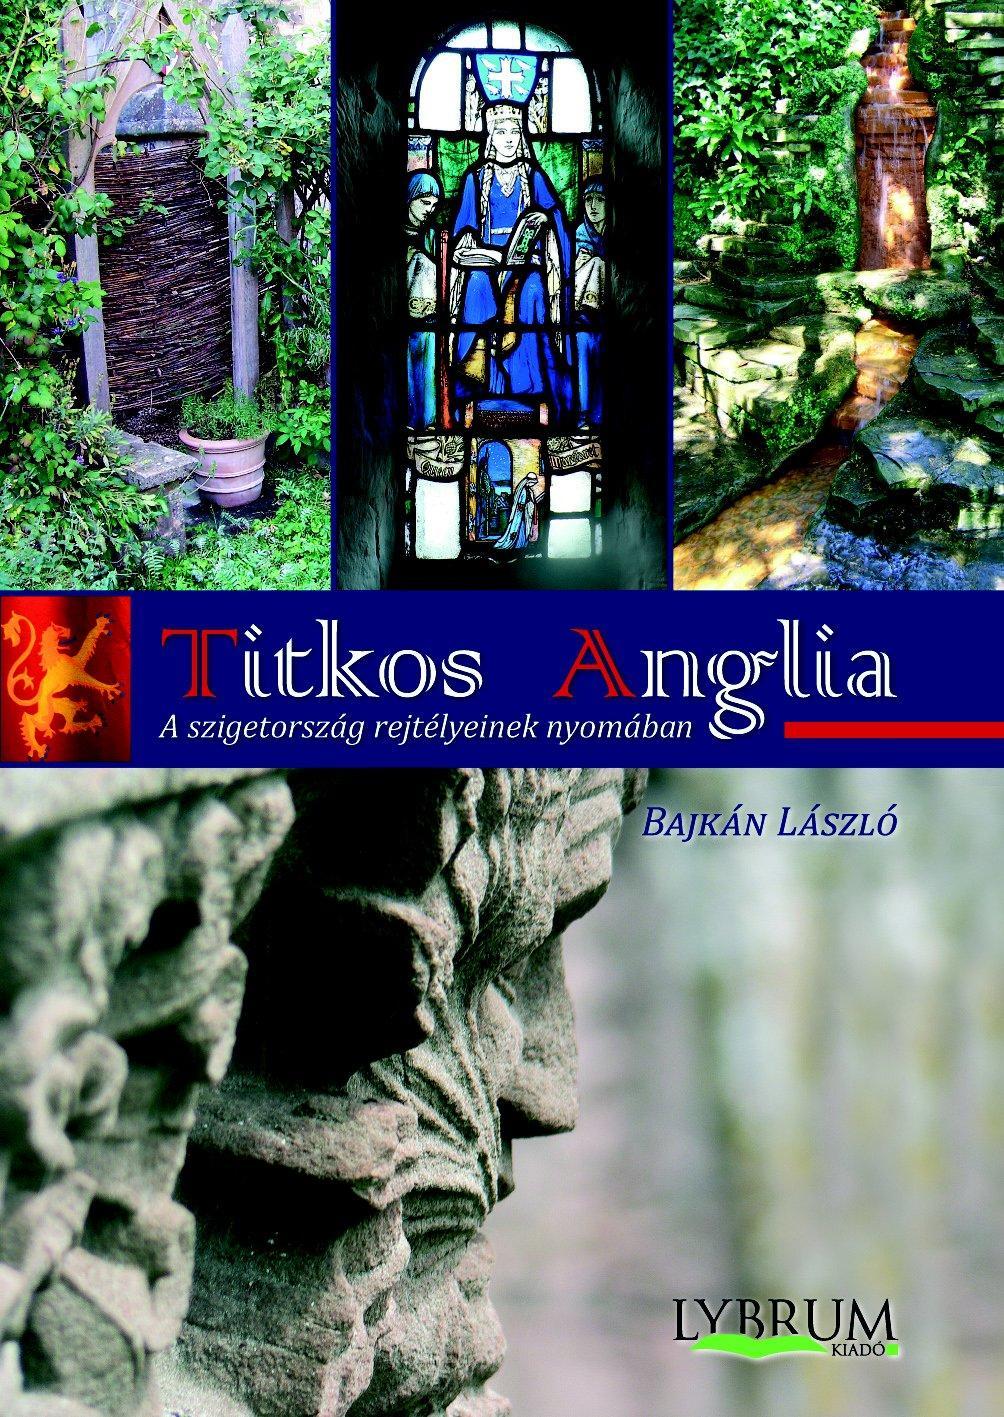 TITKOS ANGLIA - A SZIGETORSZÁG REJTÉLYEINEK NYOMÁBAN